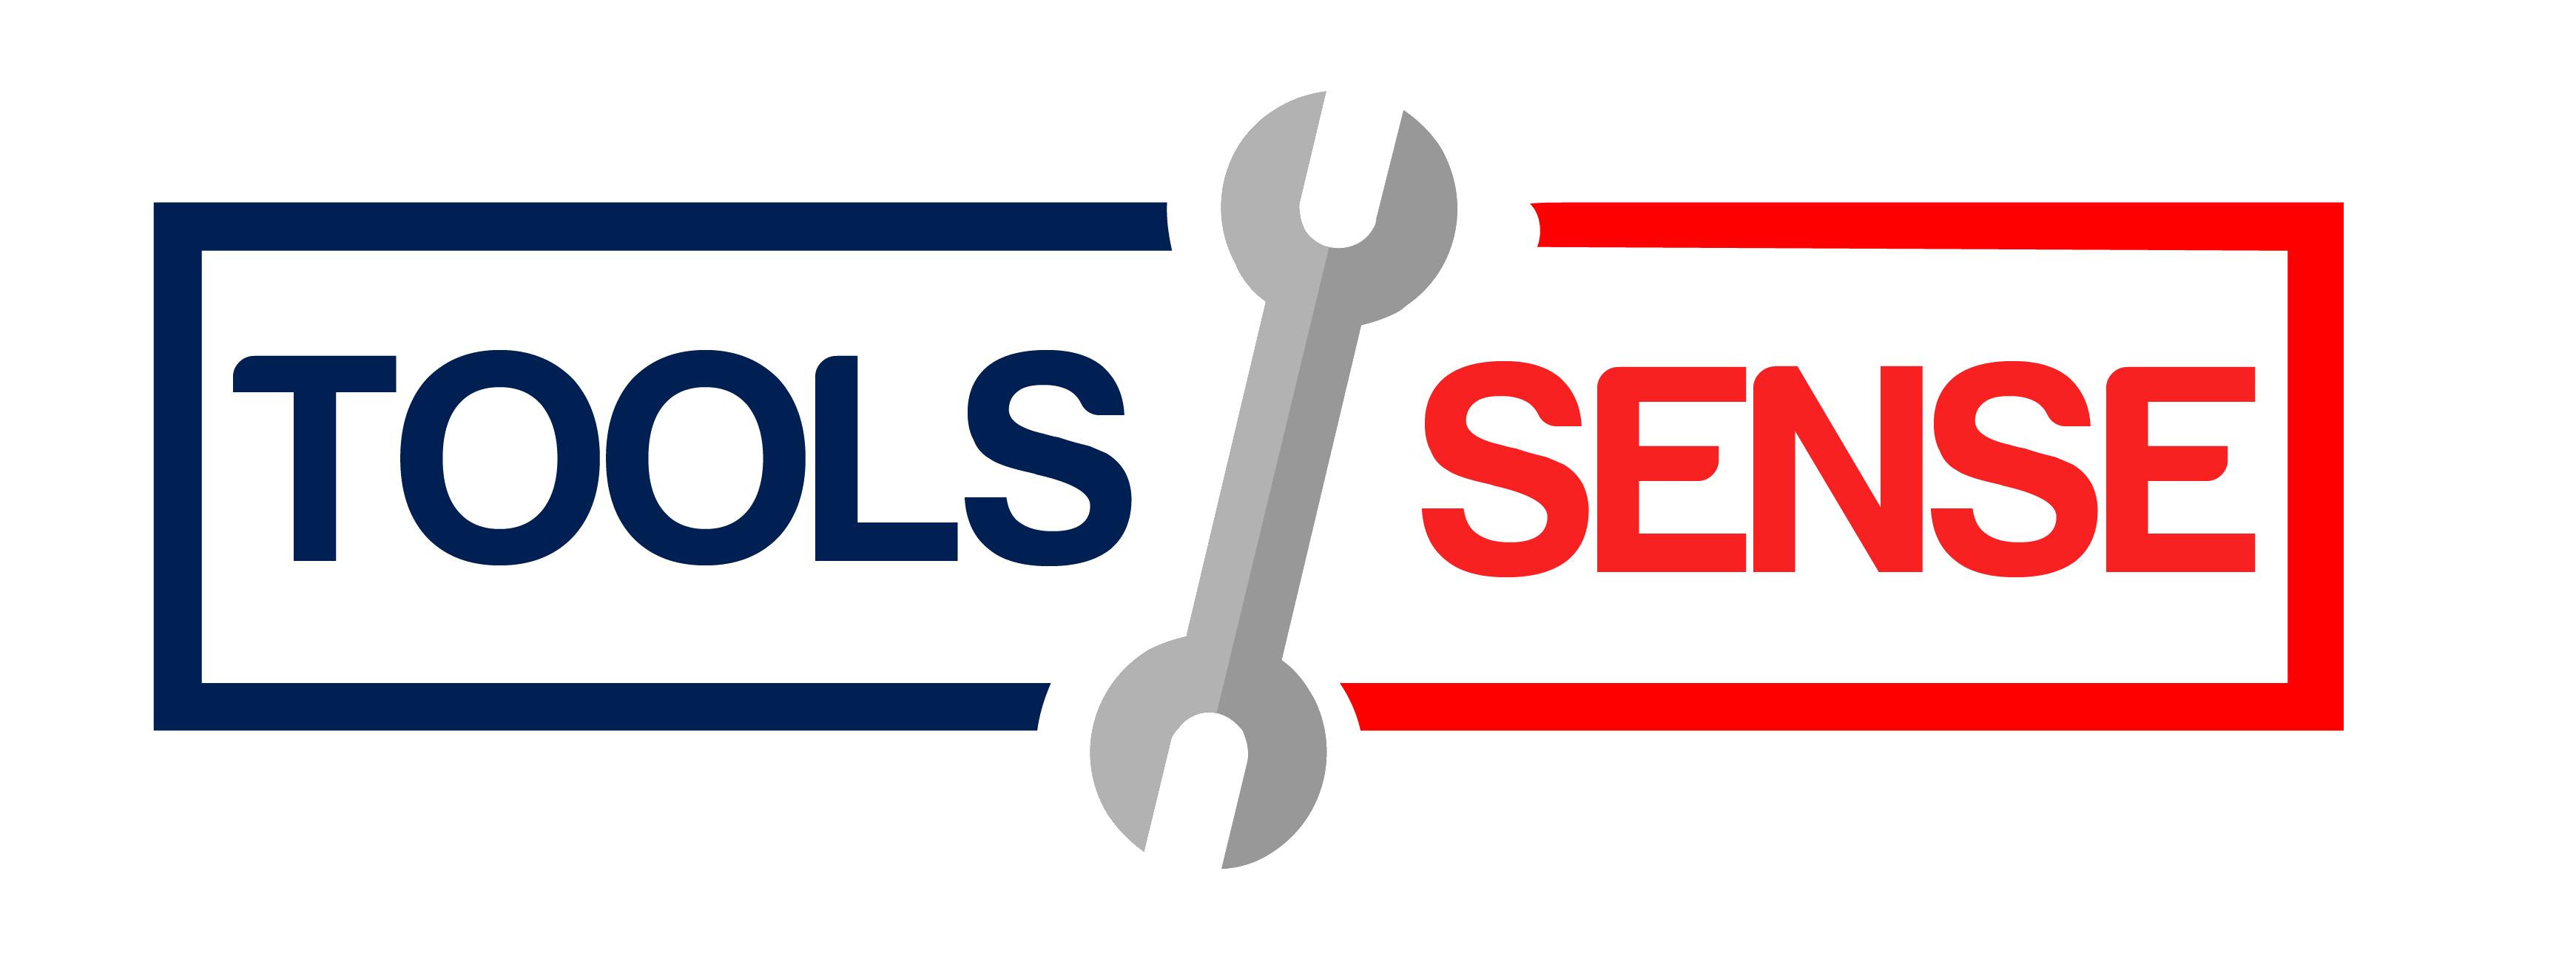 Tools Sense